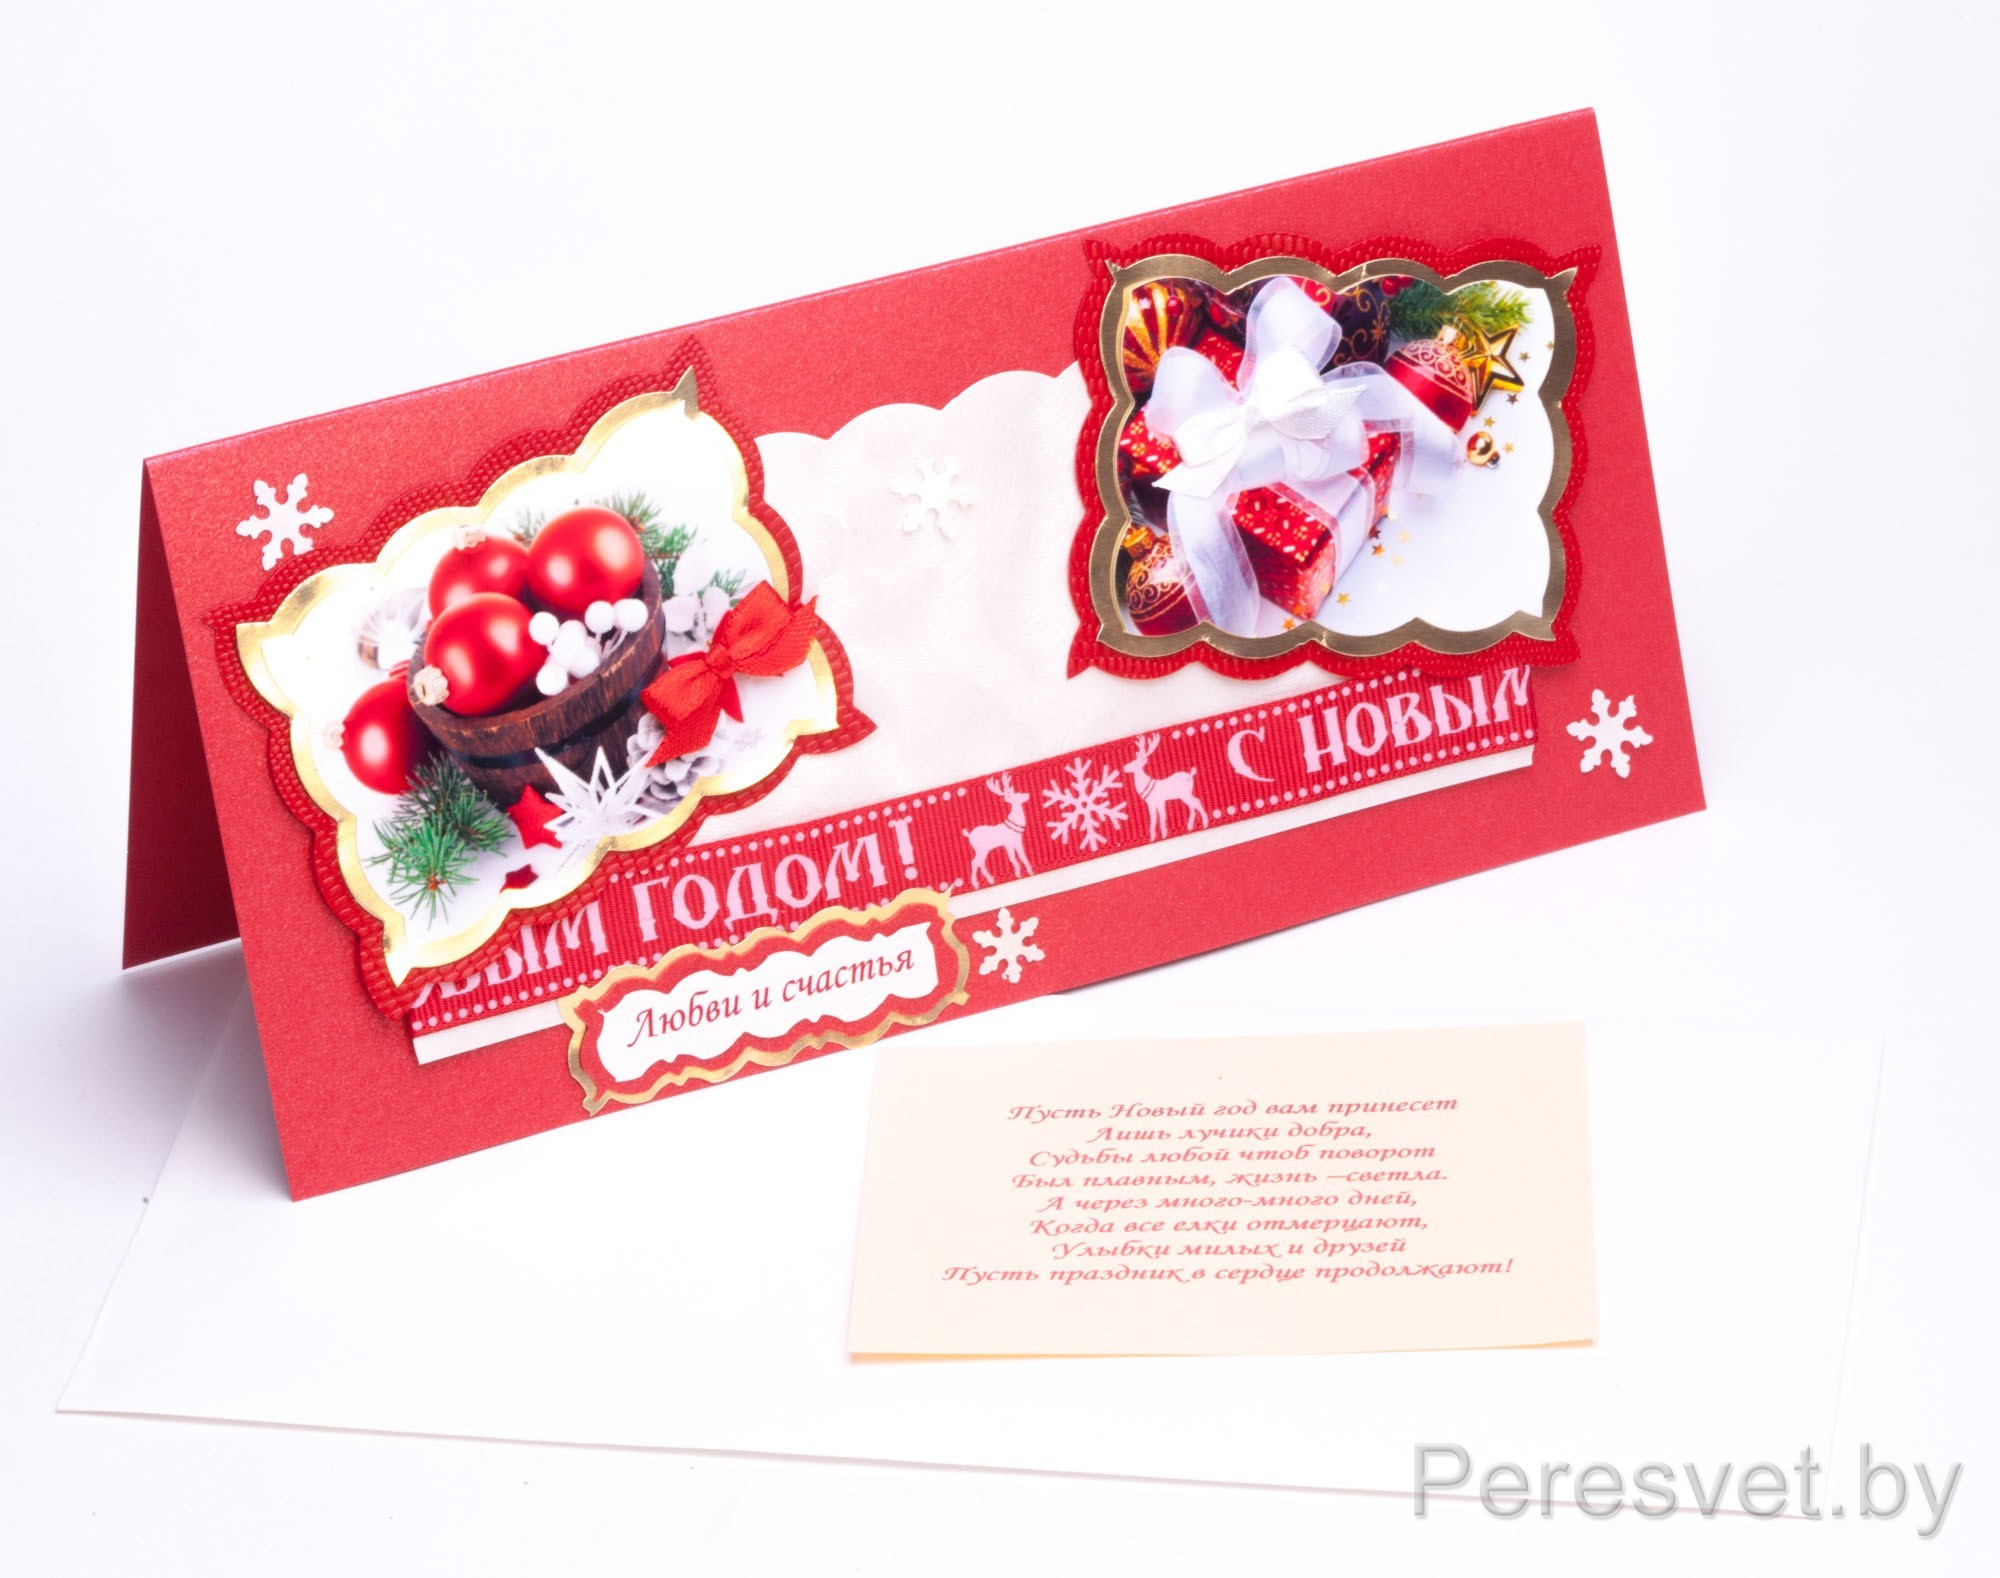 Продажа открыток в беларуси, приглашения